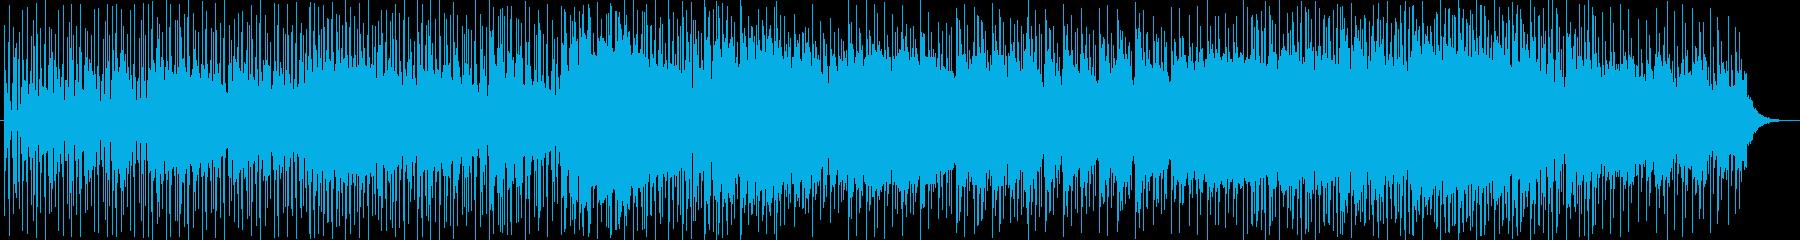 蒸気の漂う幻想的な洞窟のBGMです。ア…の再生済みの波形